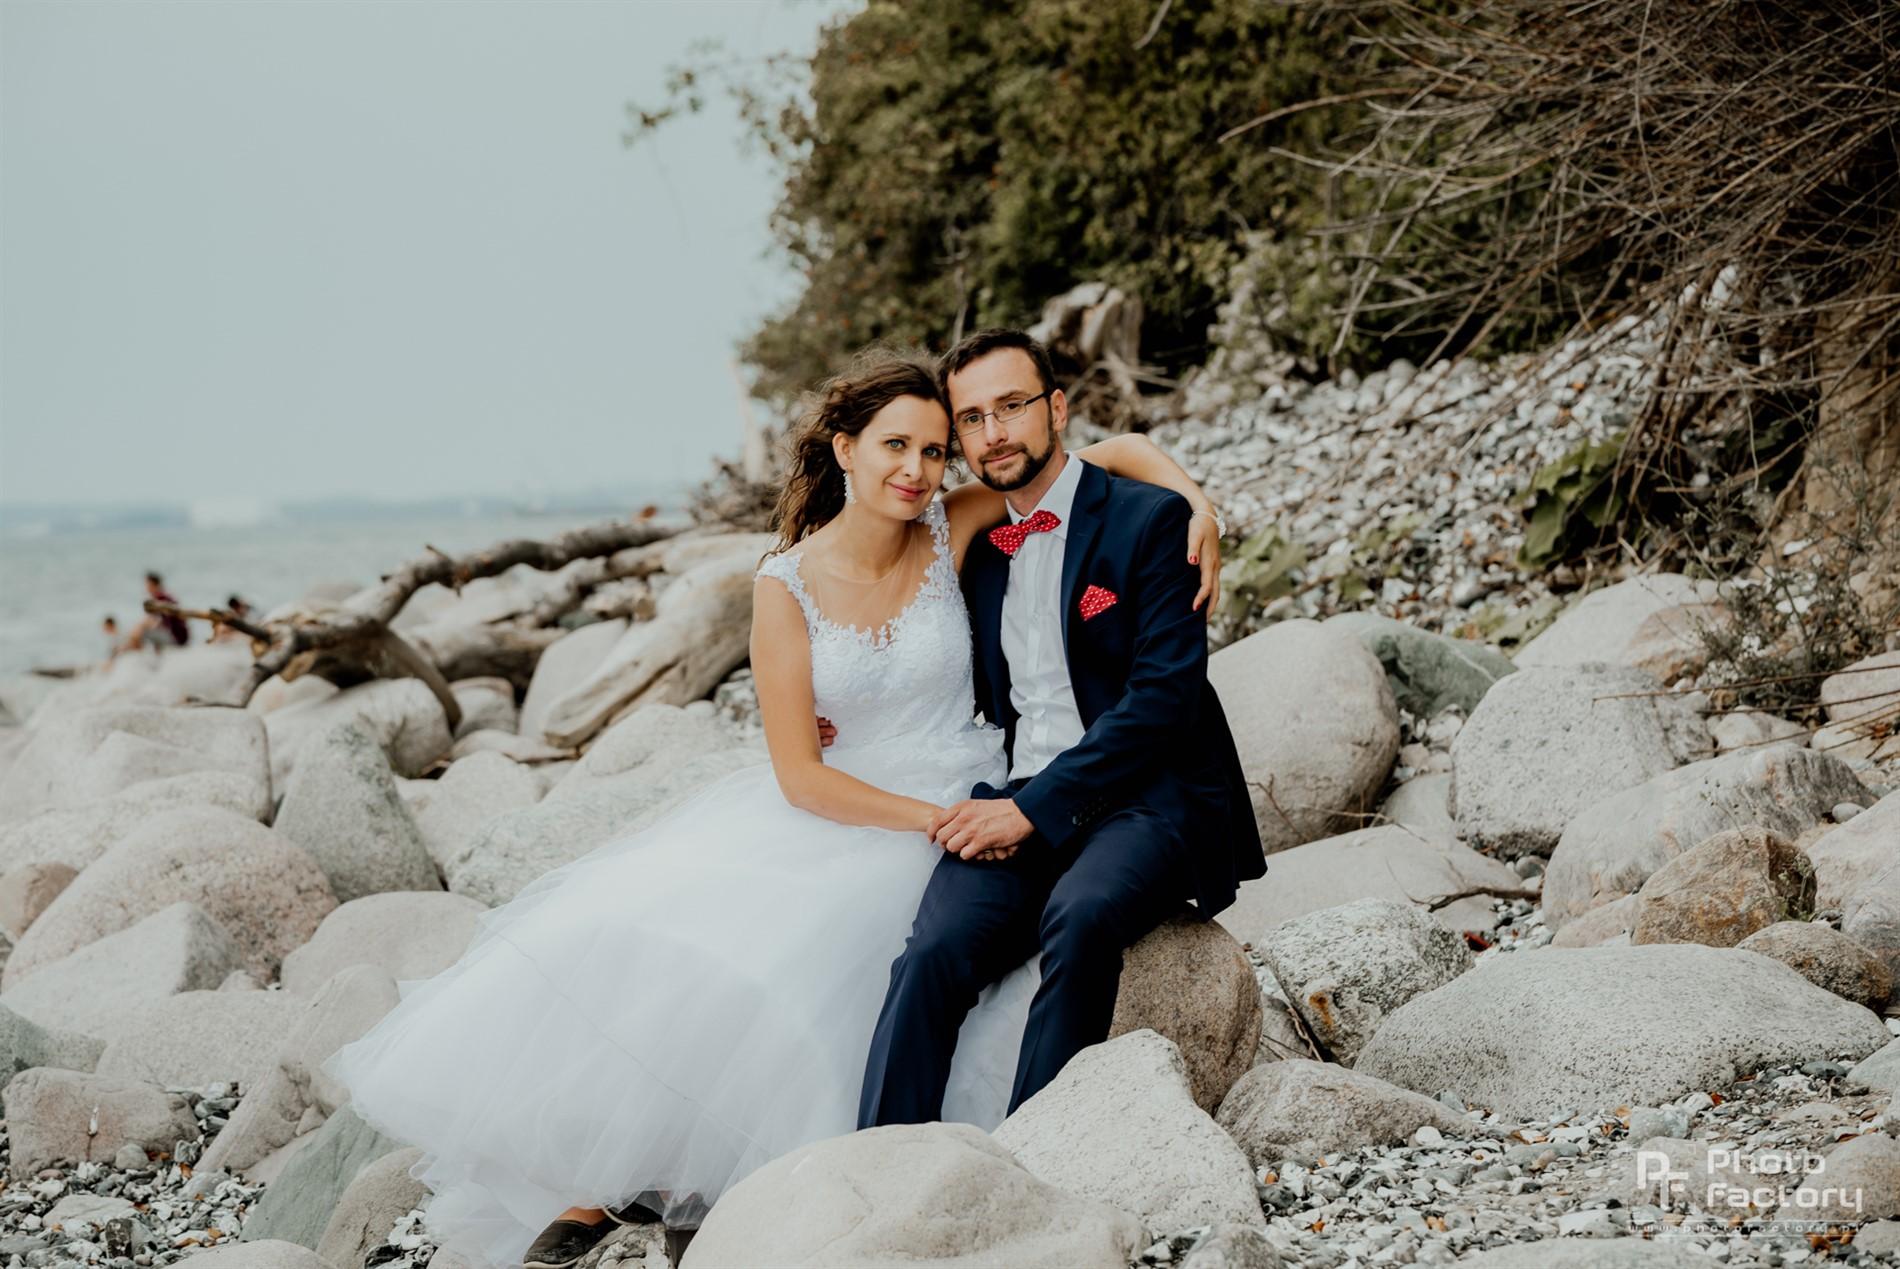 Piękna sesja ślubna oraz reportaż ślubny małgorzaty i łukasza - fotograf szczecin